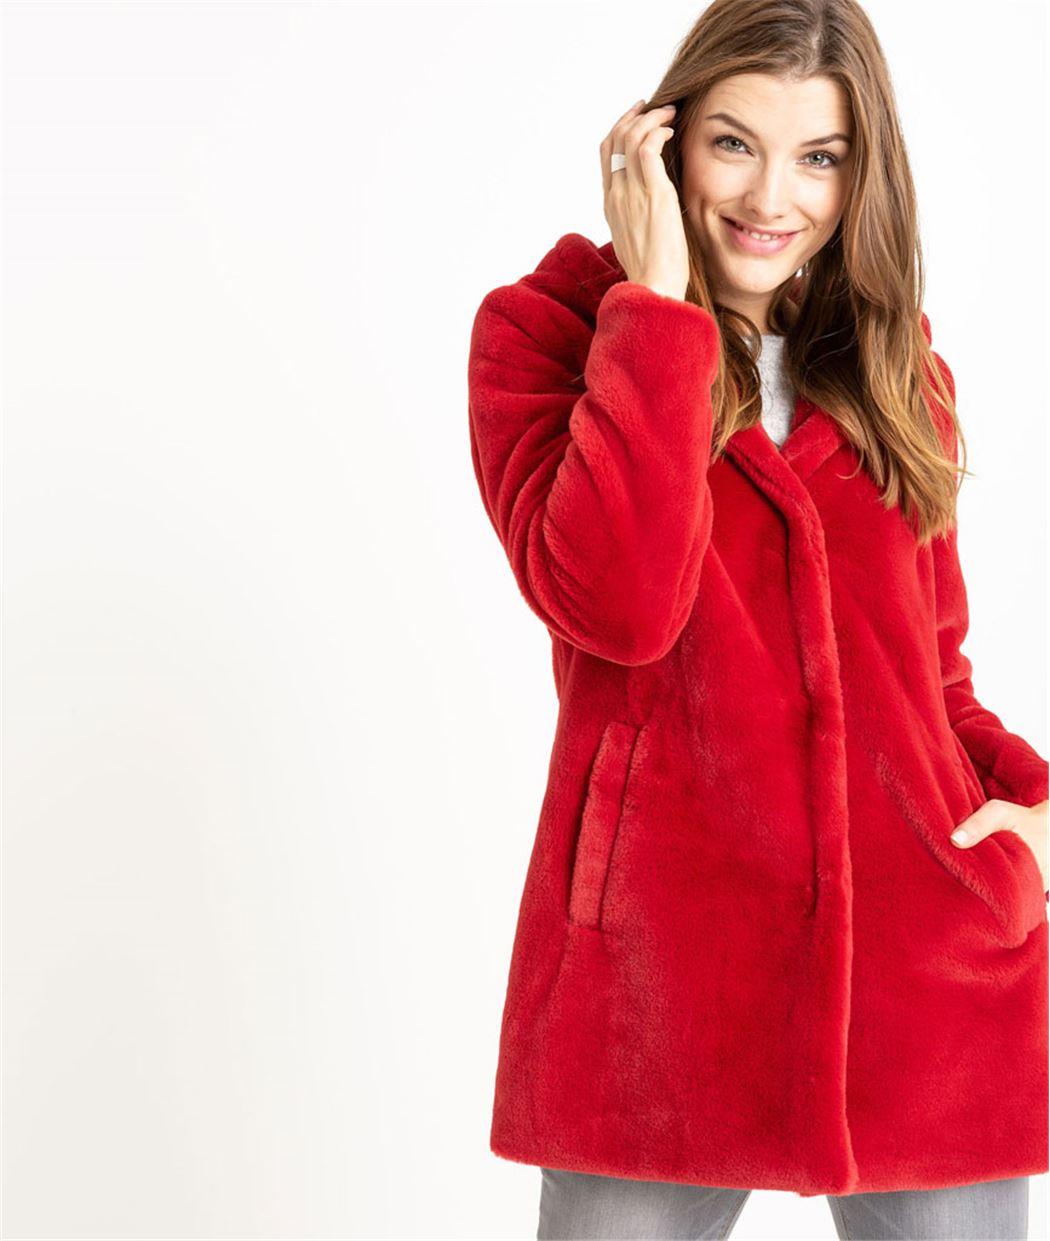 manteau femme fausse fourrure rouge rouge grain de malice. Black Bedroom Furniture Sets. Home Design Ideas